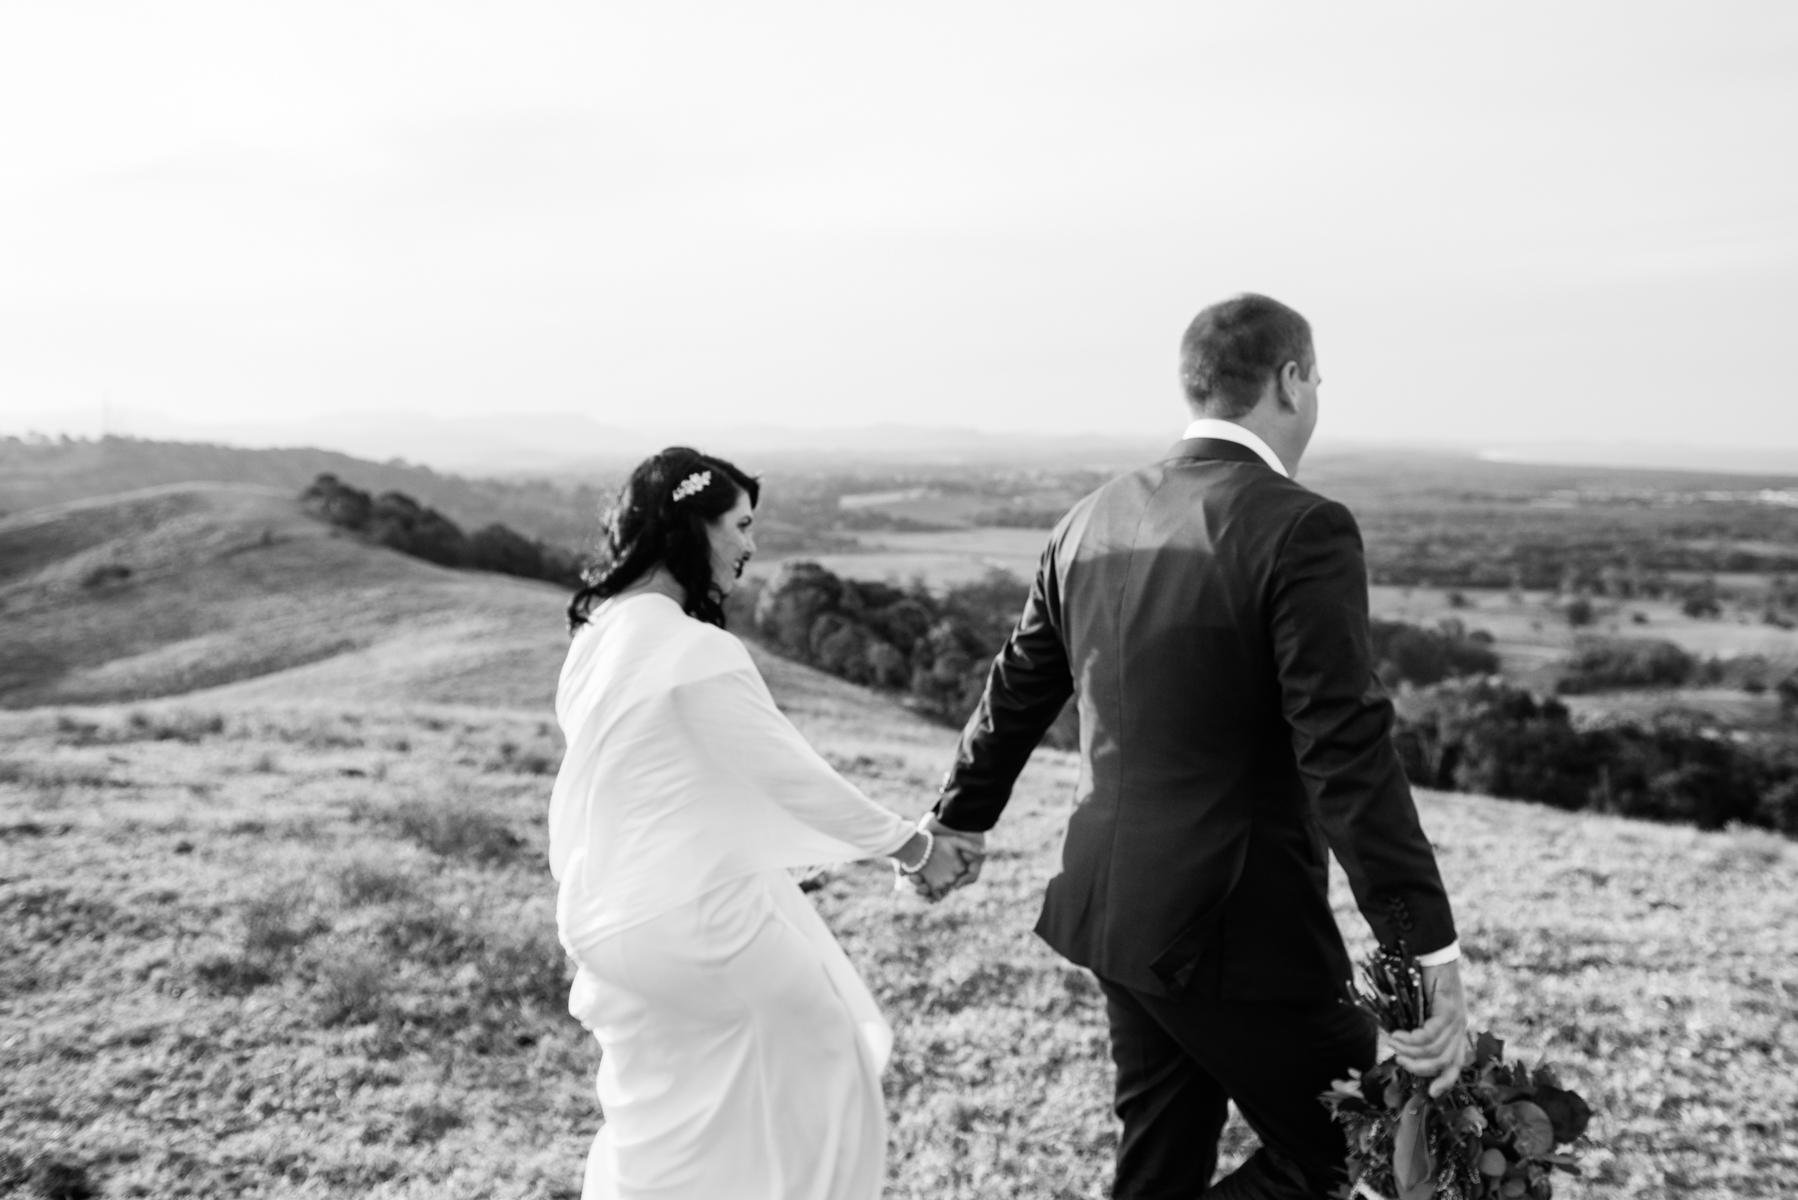 sarahandBenwedding- skyla sage photography weddings, families, byron bay,tweed coast,kingscliff,cabarita,gold coast-805.jpg